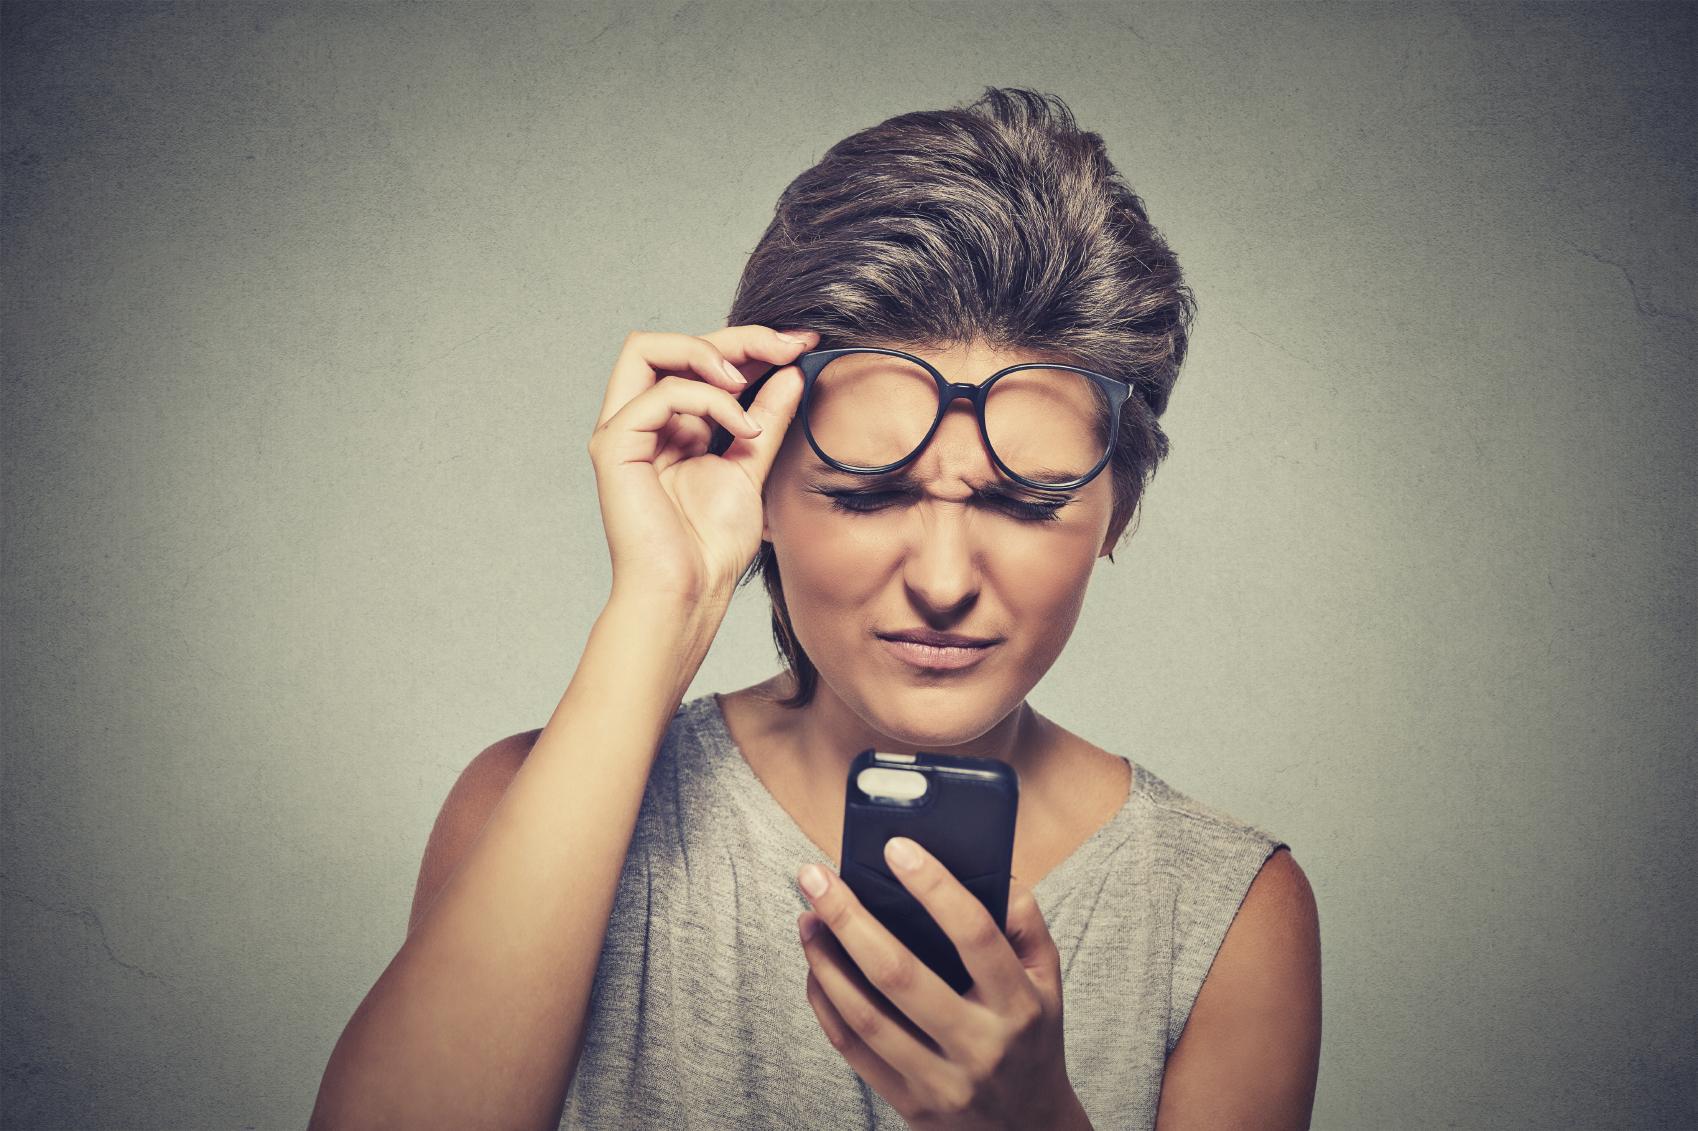 Mujer mirando un móvil y levantándose las gafas para ver